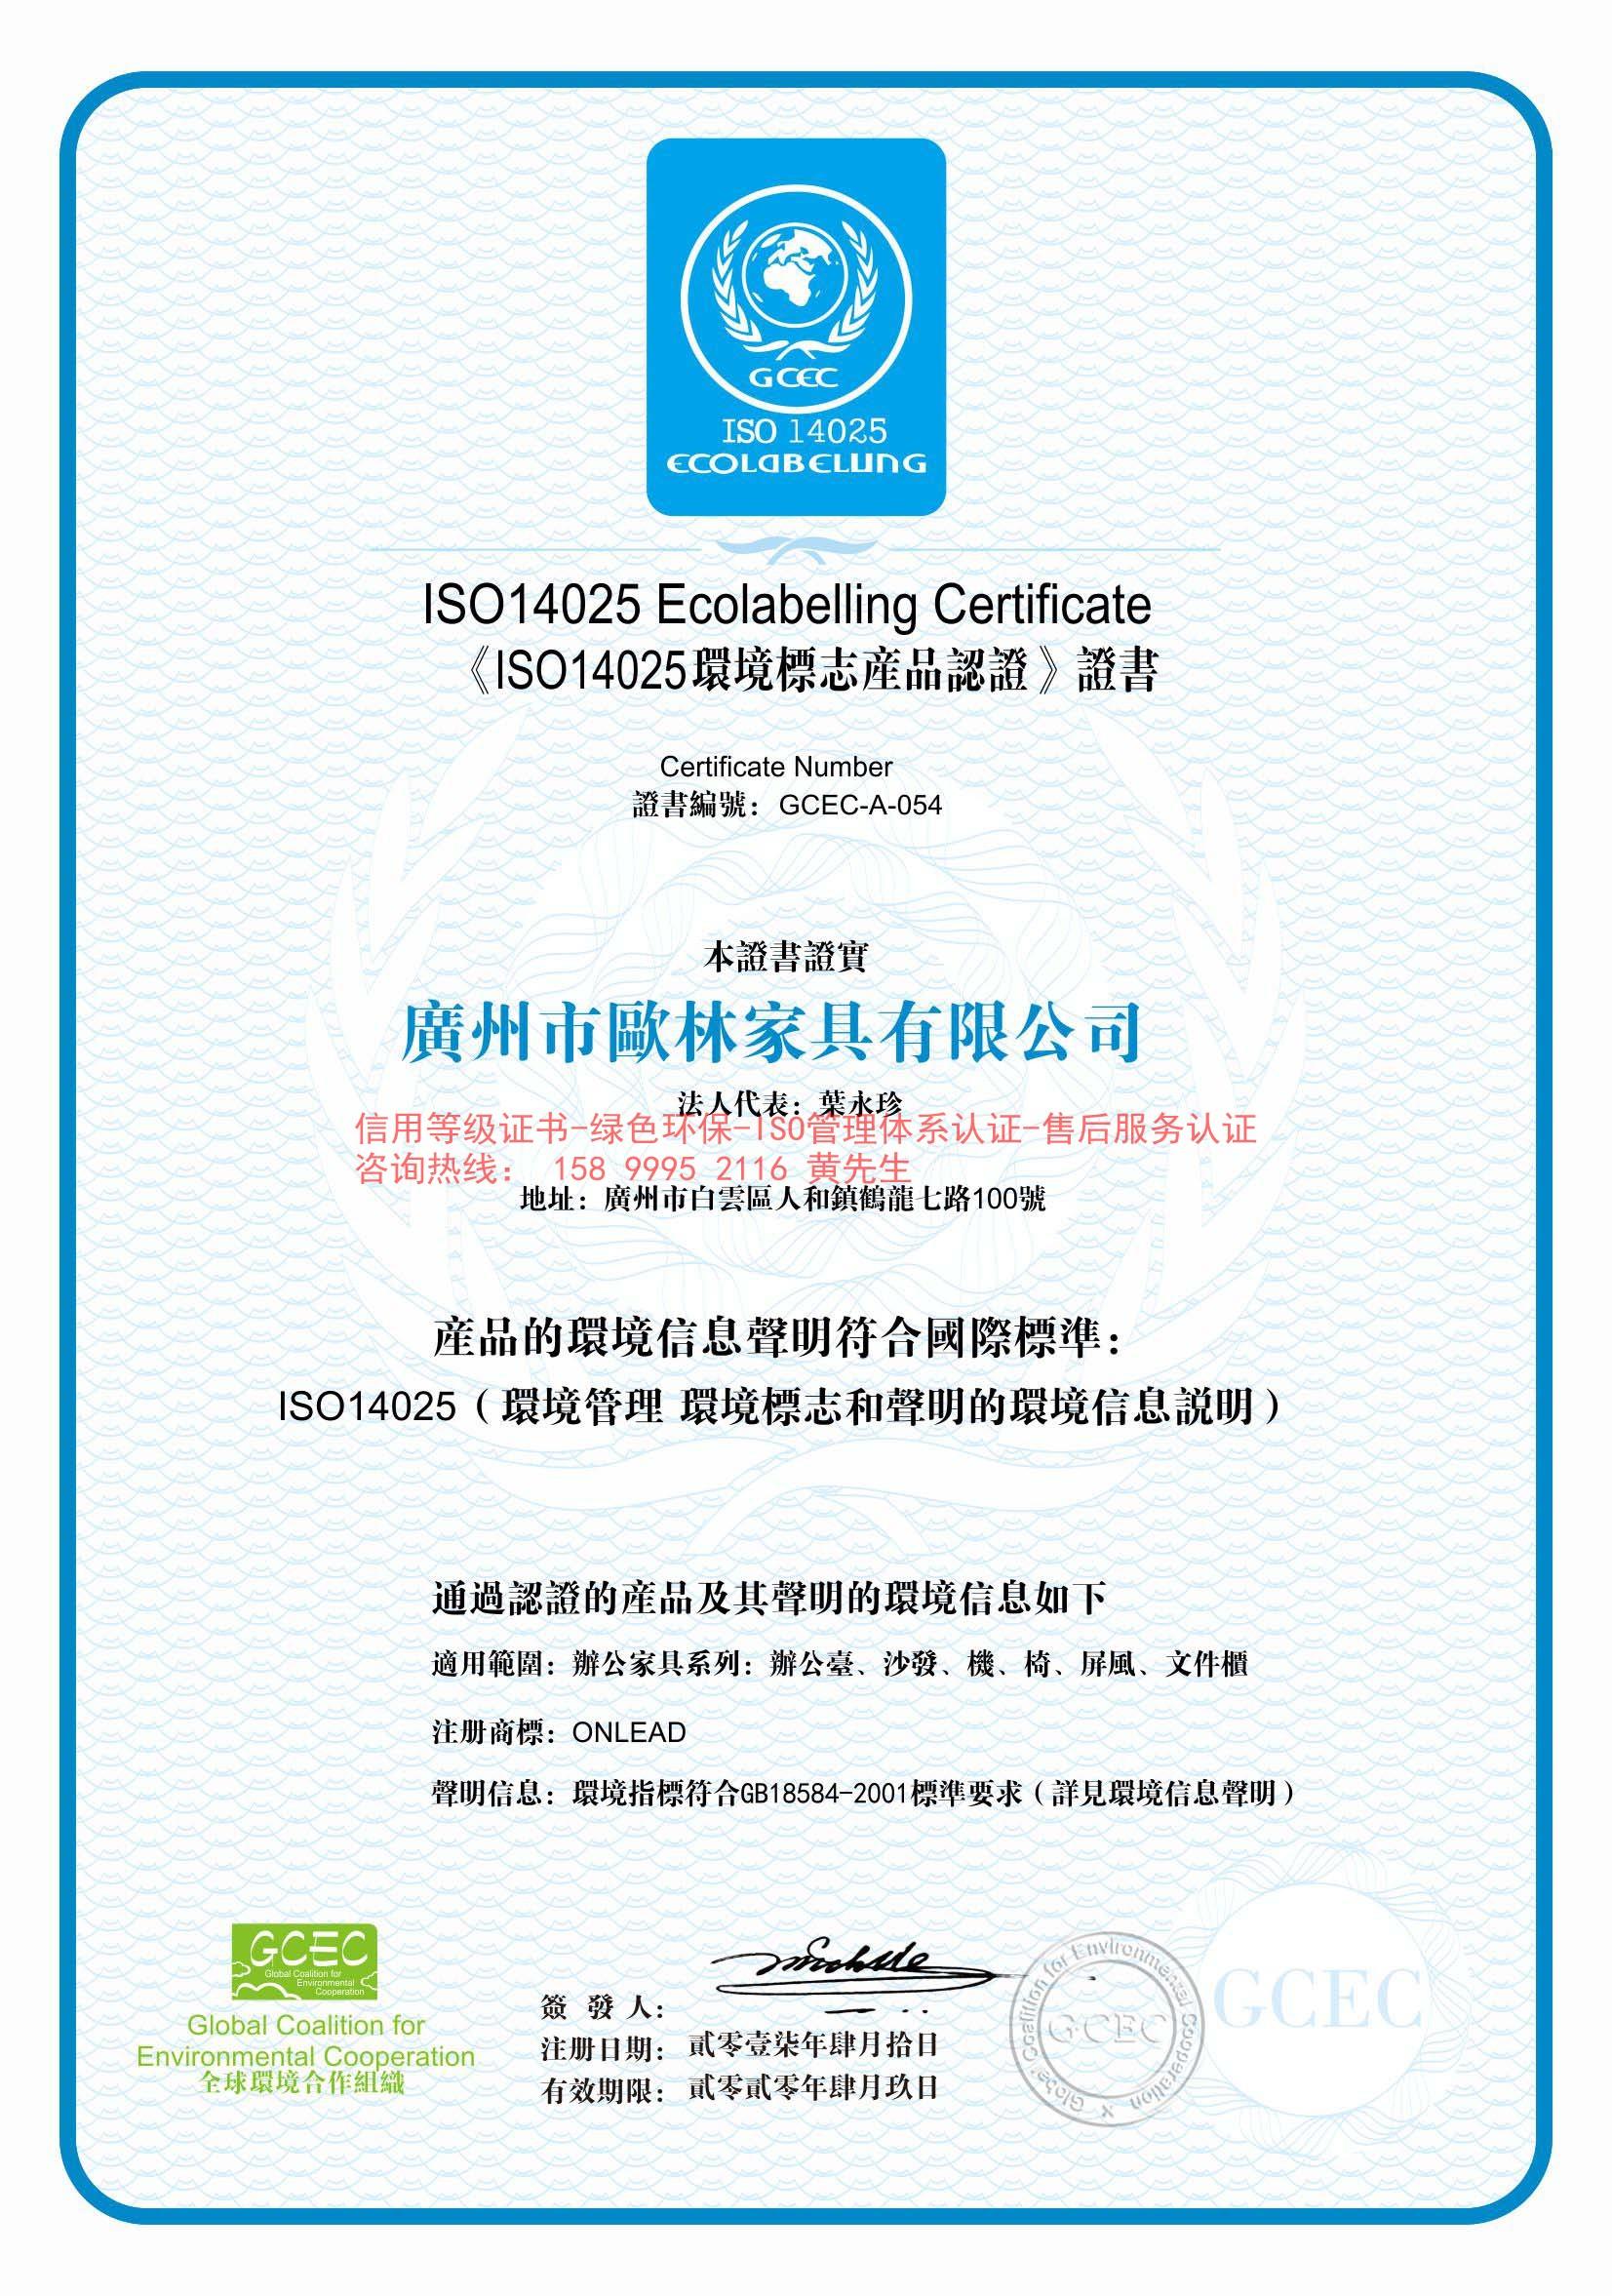 香港ISO14025环境标志产品办理